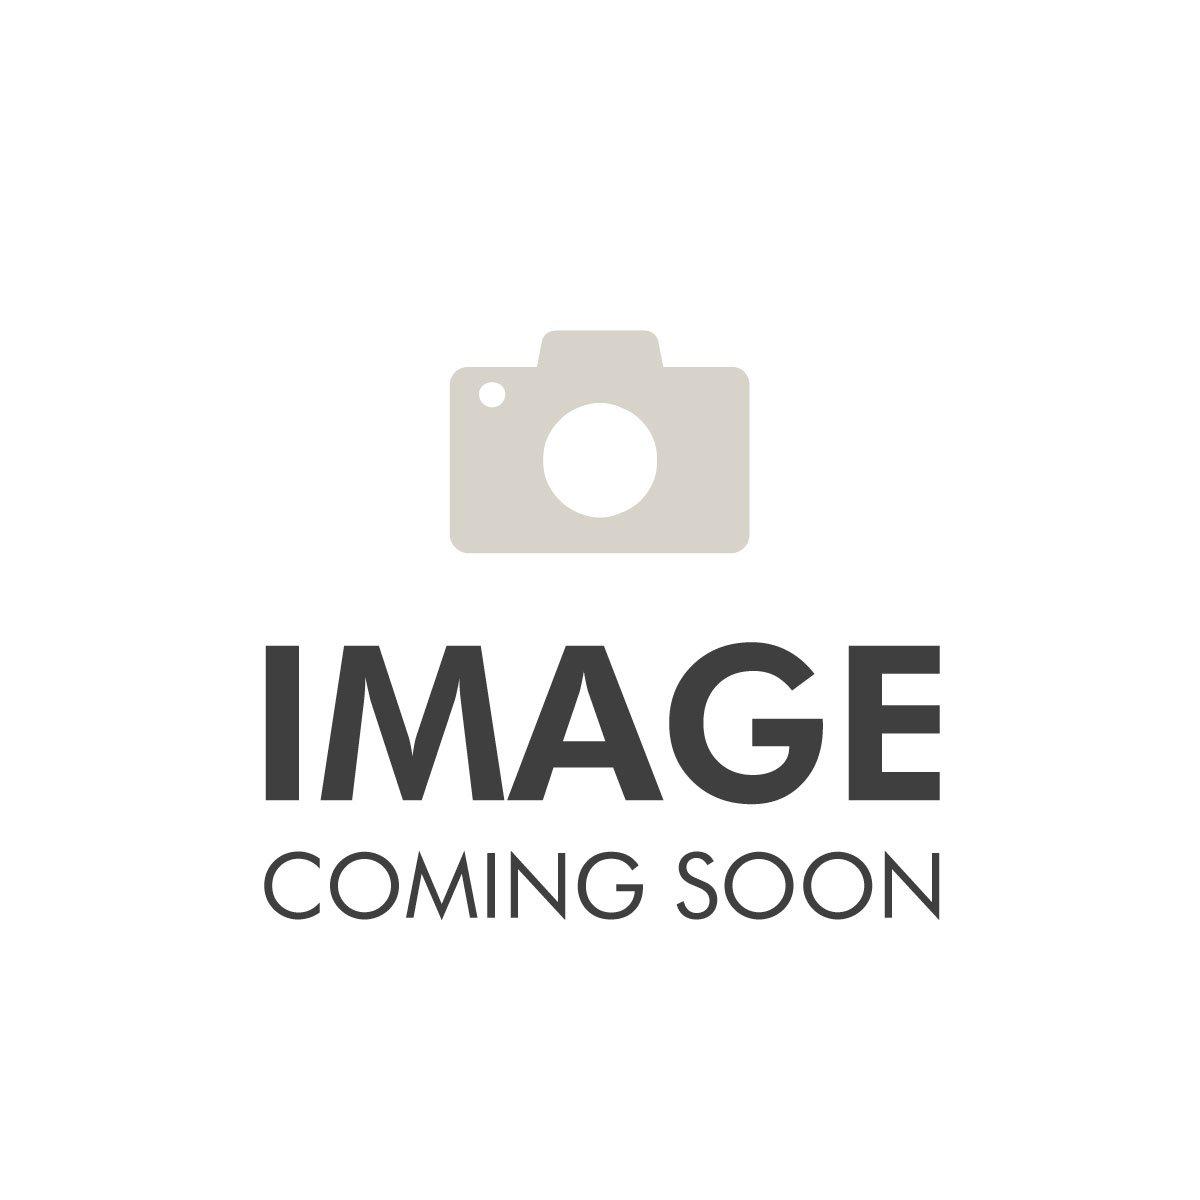 Uhlmann - Pointe de fleuret complète - Standard